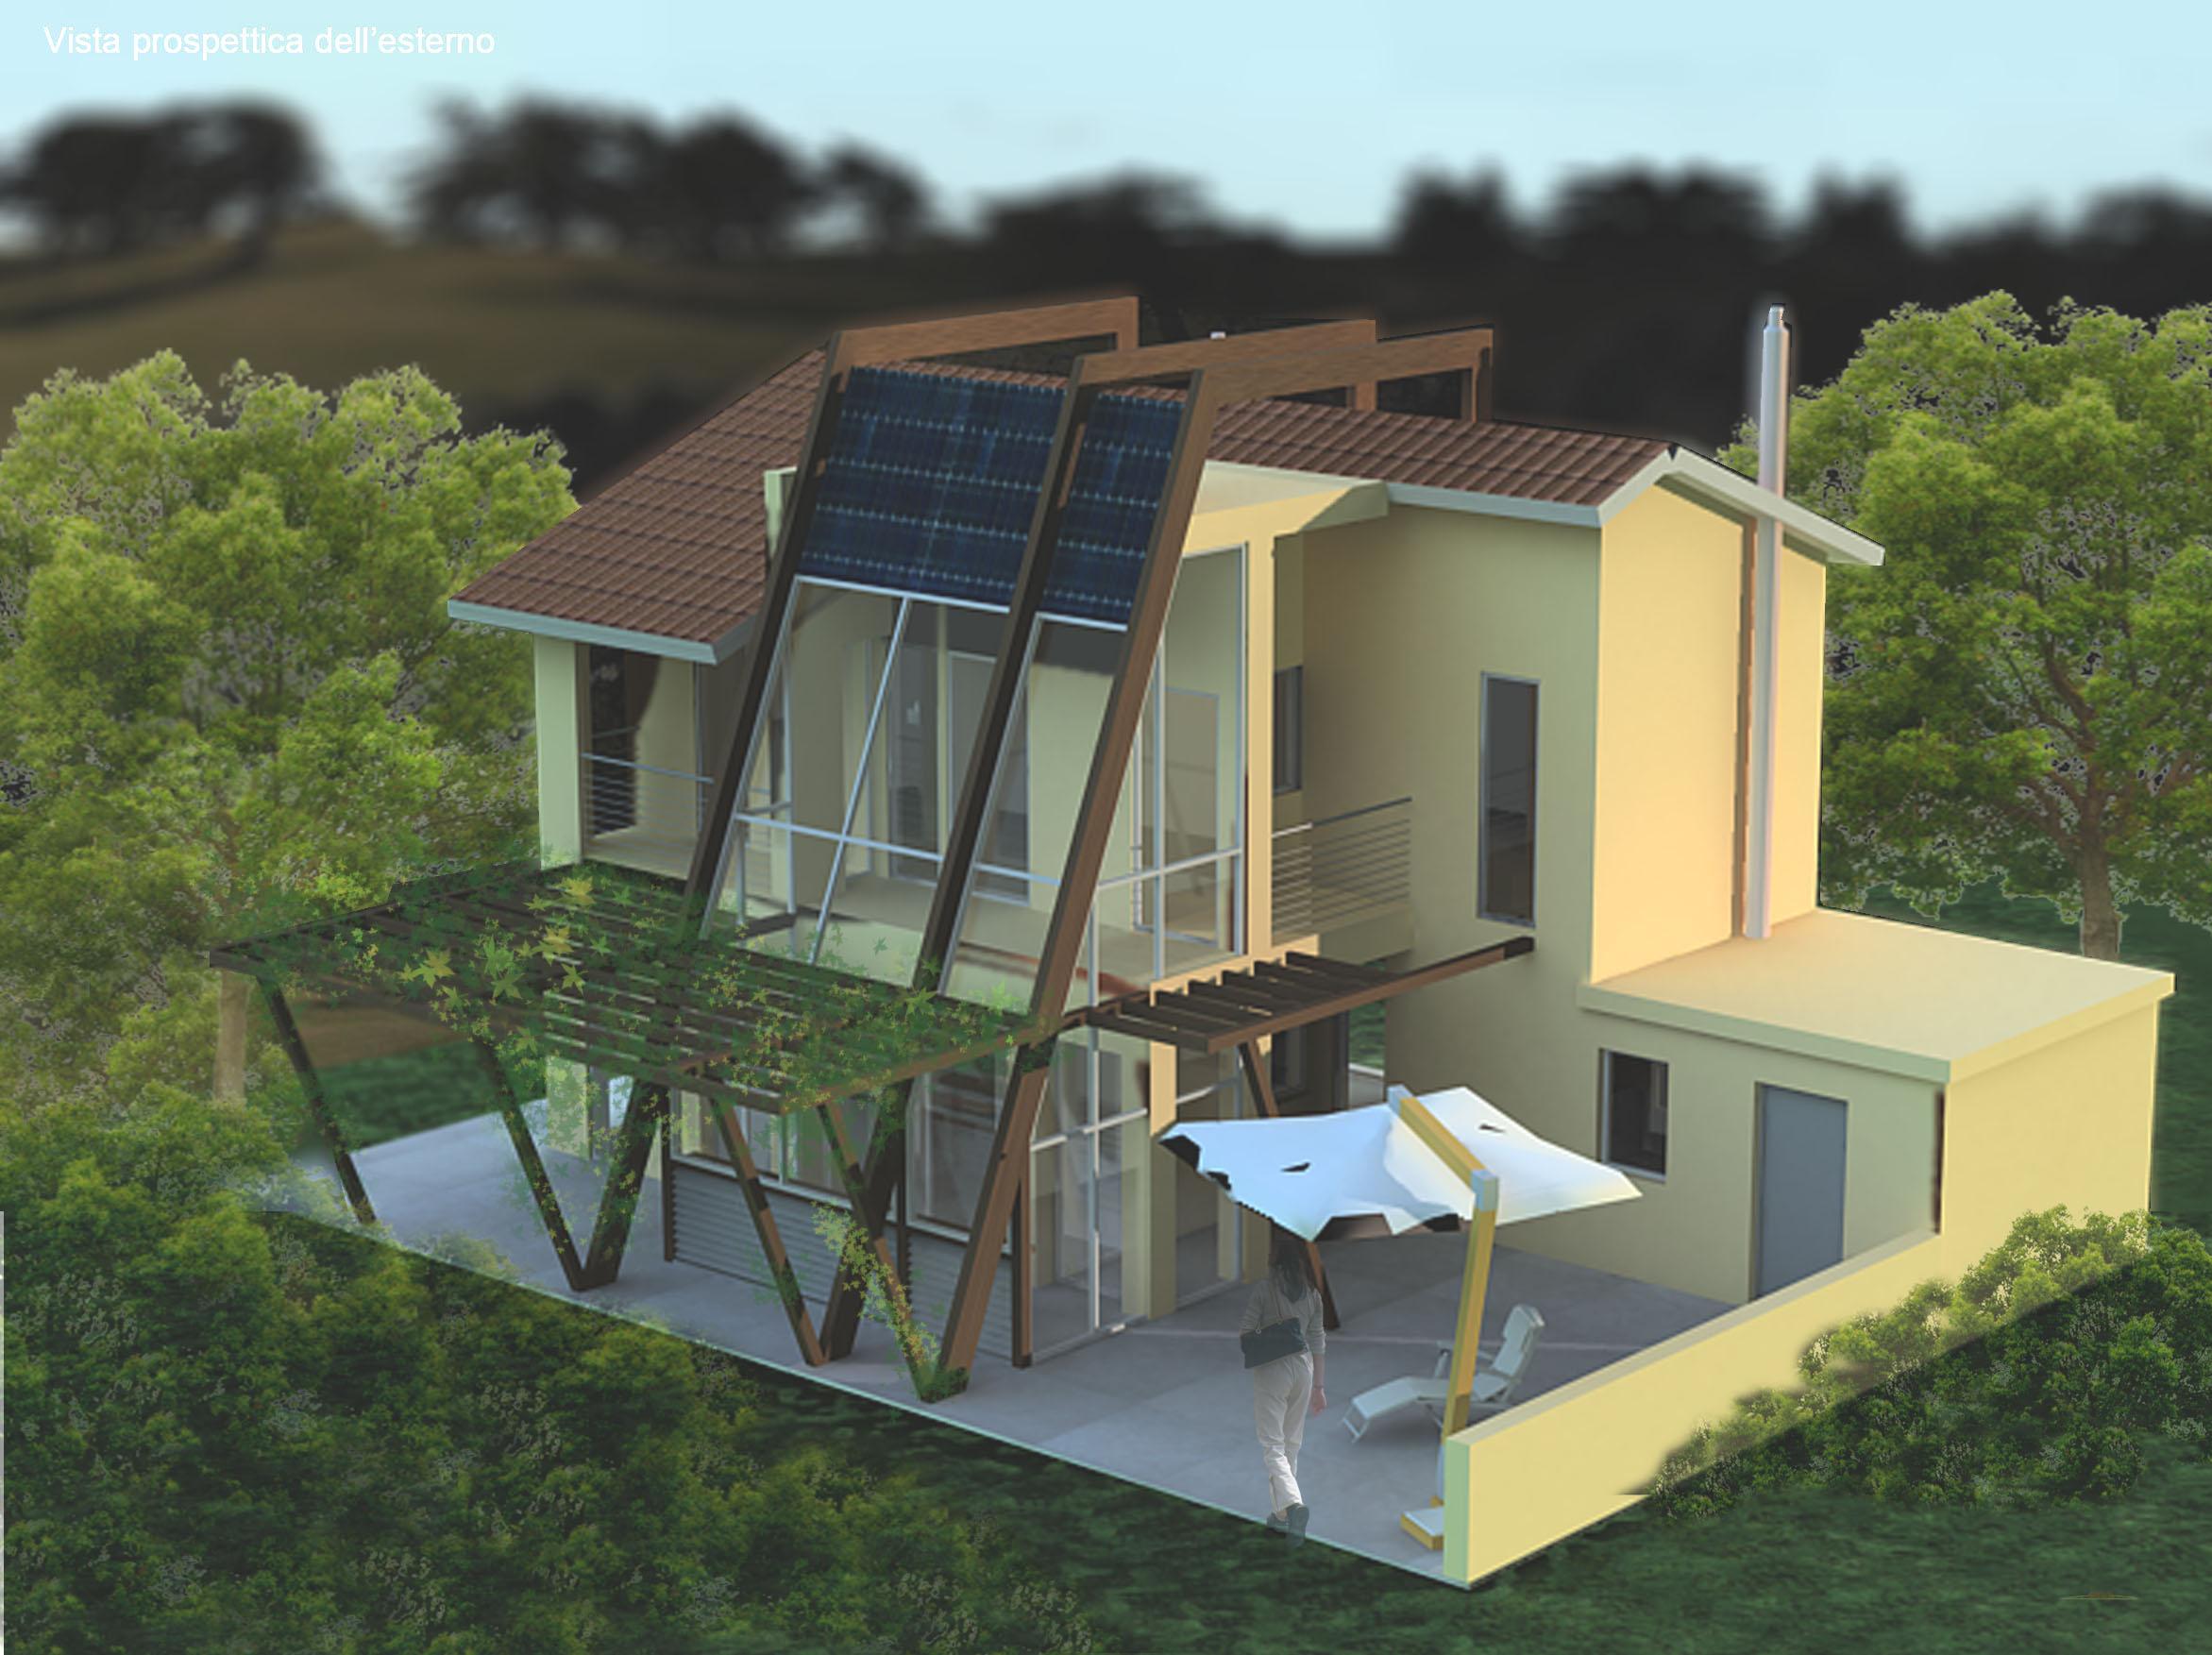 Valuta il tuo immobile appartamento casa terreno villa tramite la nostra agenzia - Valutazione immobile casa it ...